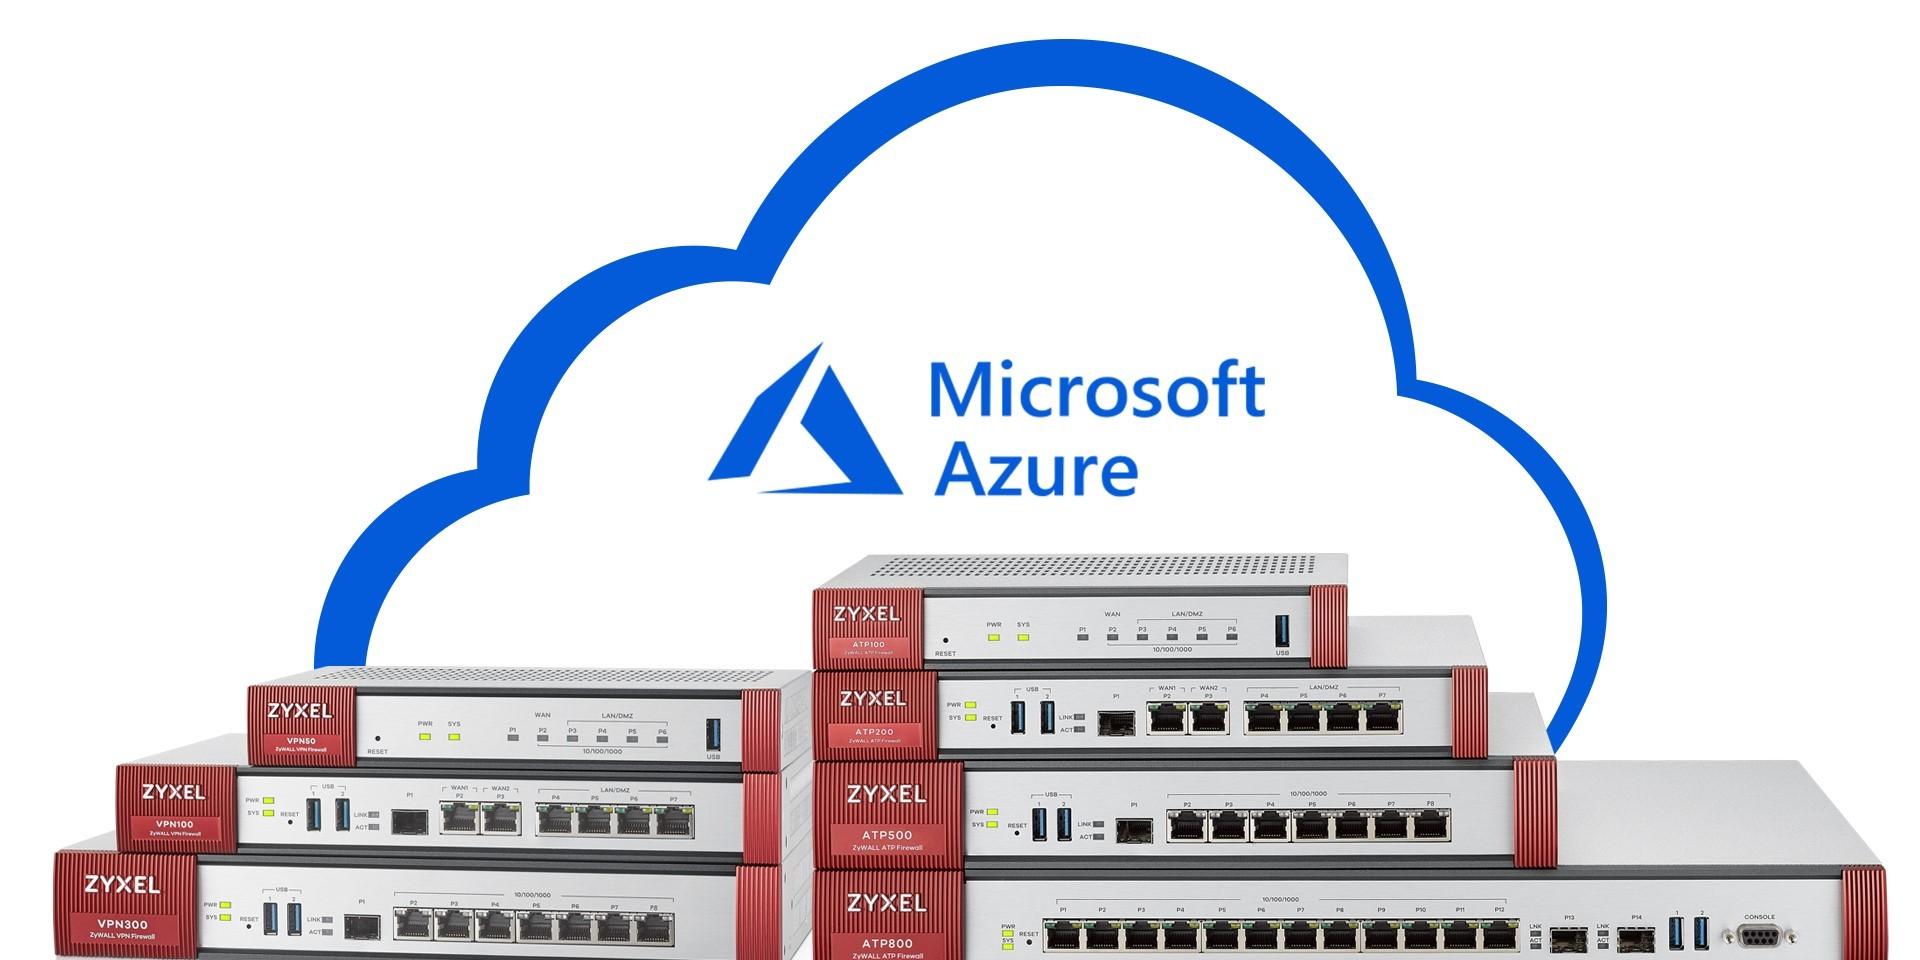 Zyxel's ZyWALL VPN-firewalls gevalideerd door Microsoft Azure